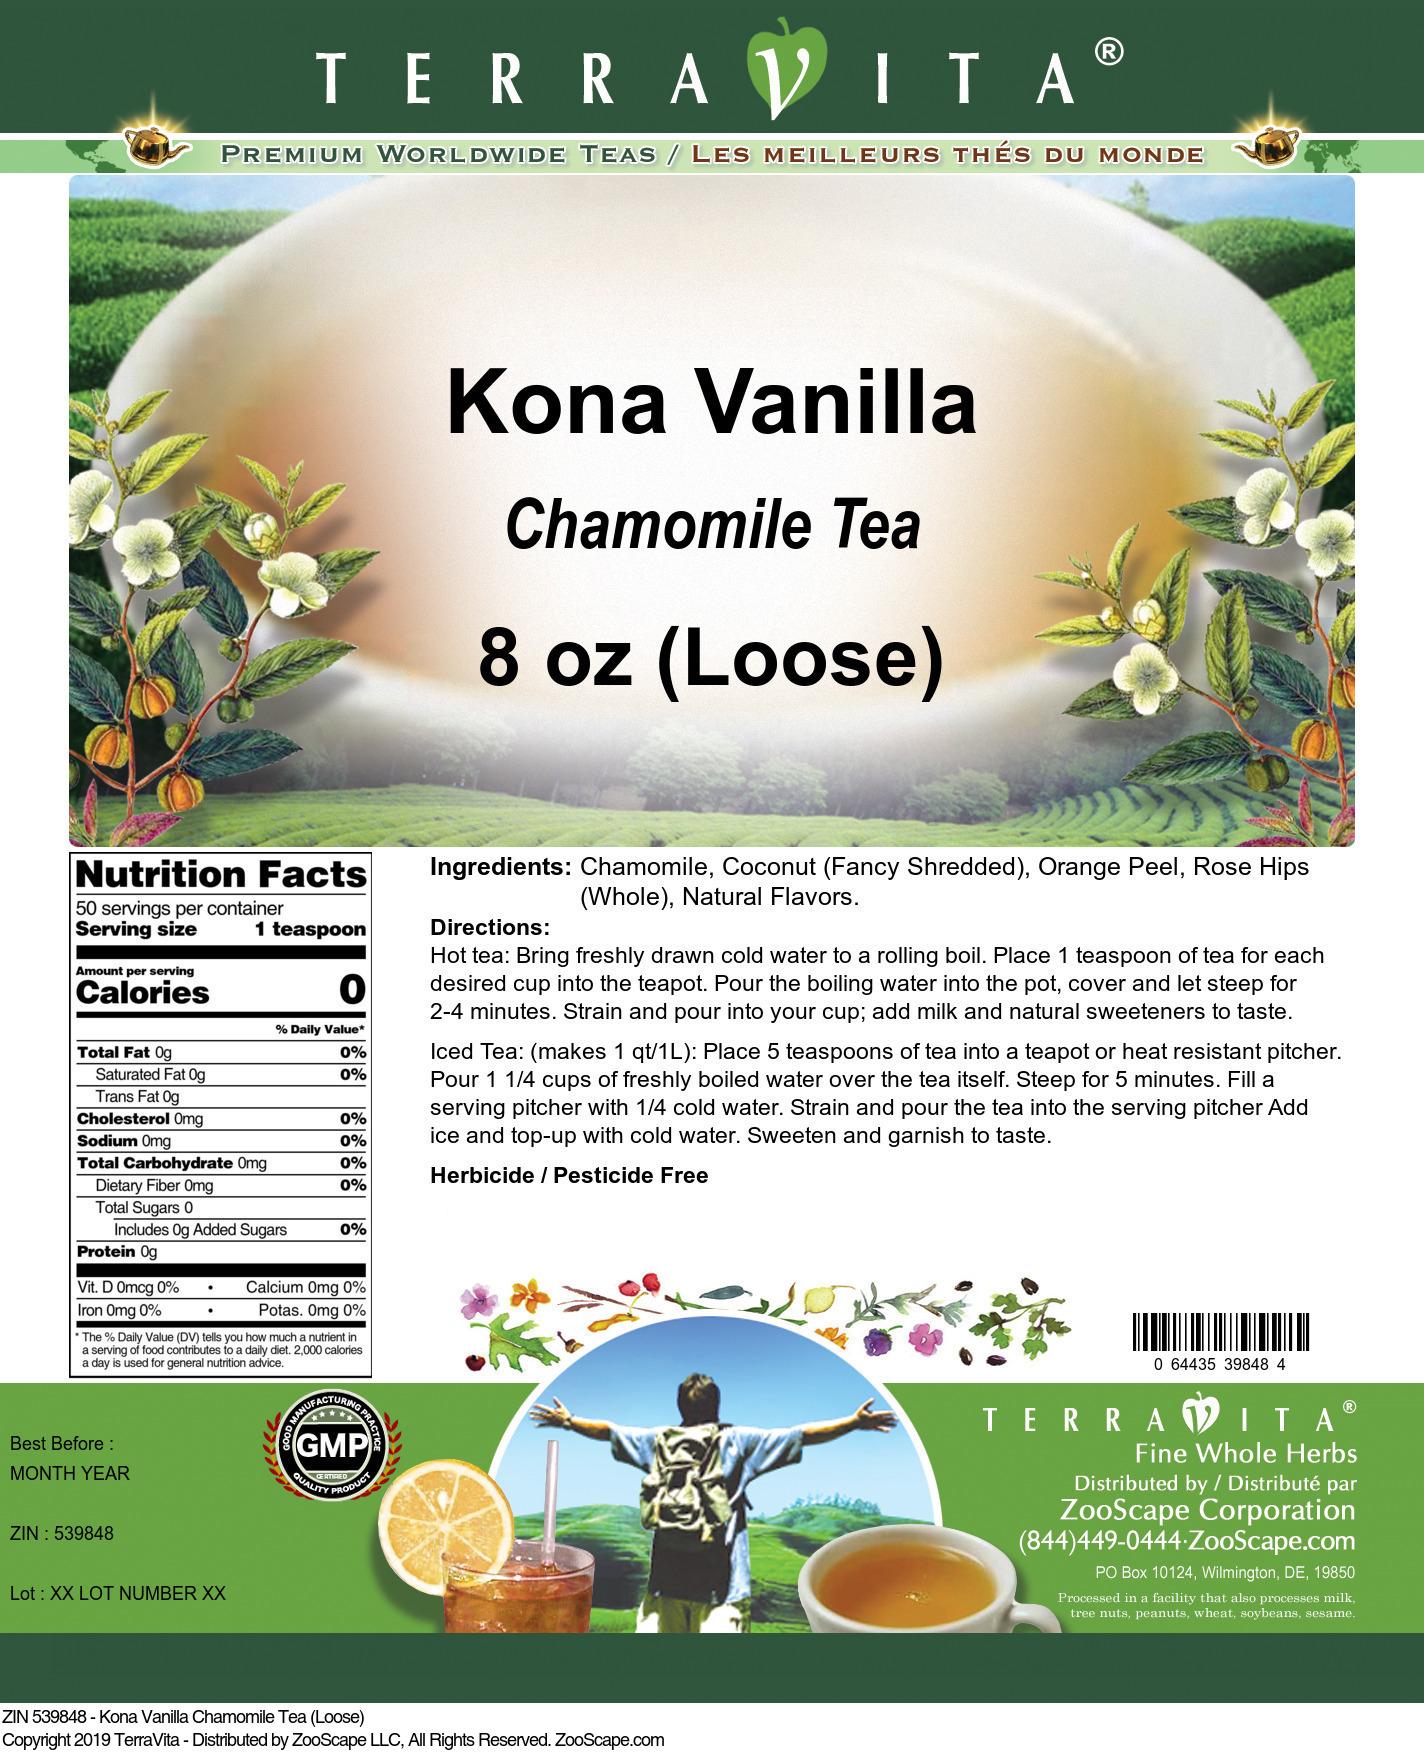 Kona Vanilla Chamomile Tea